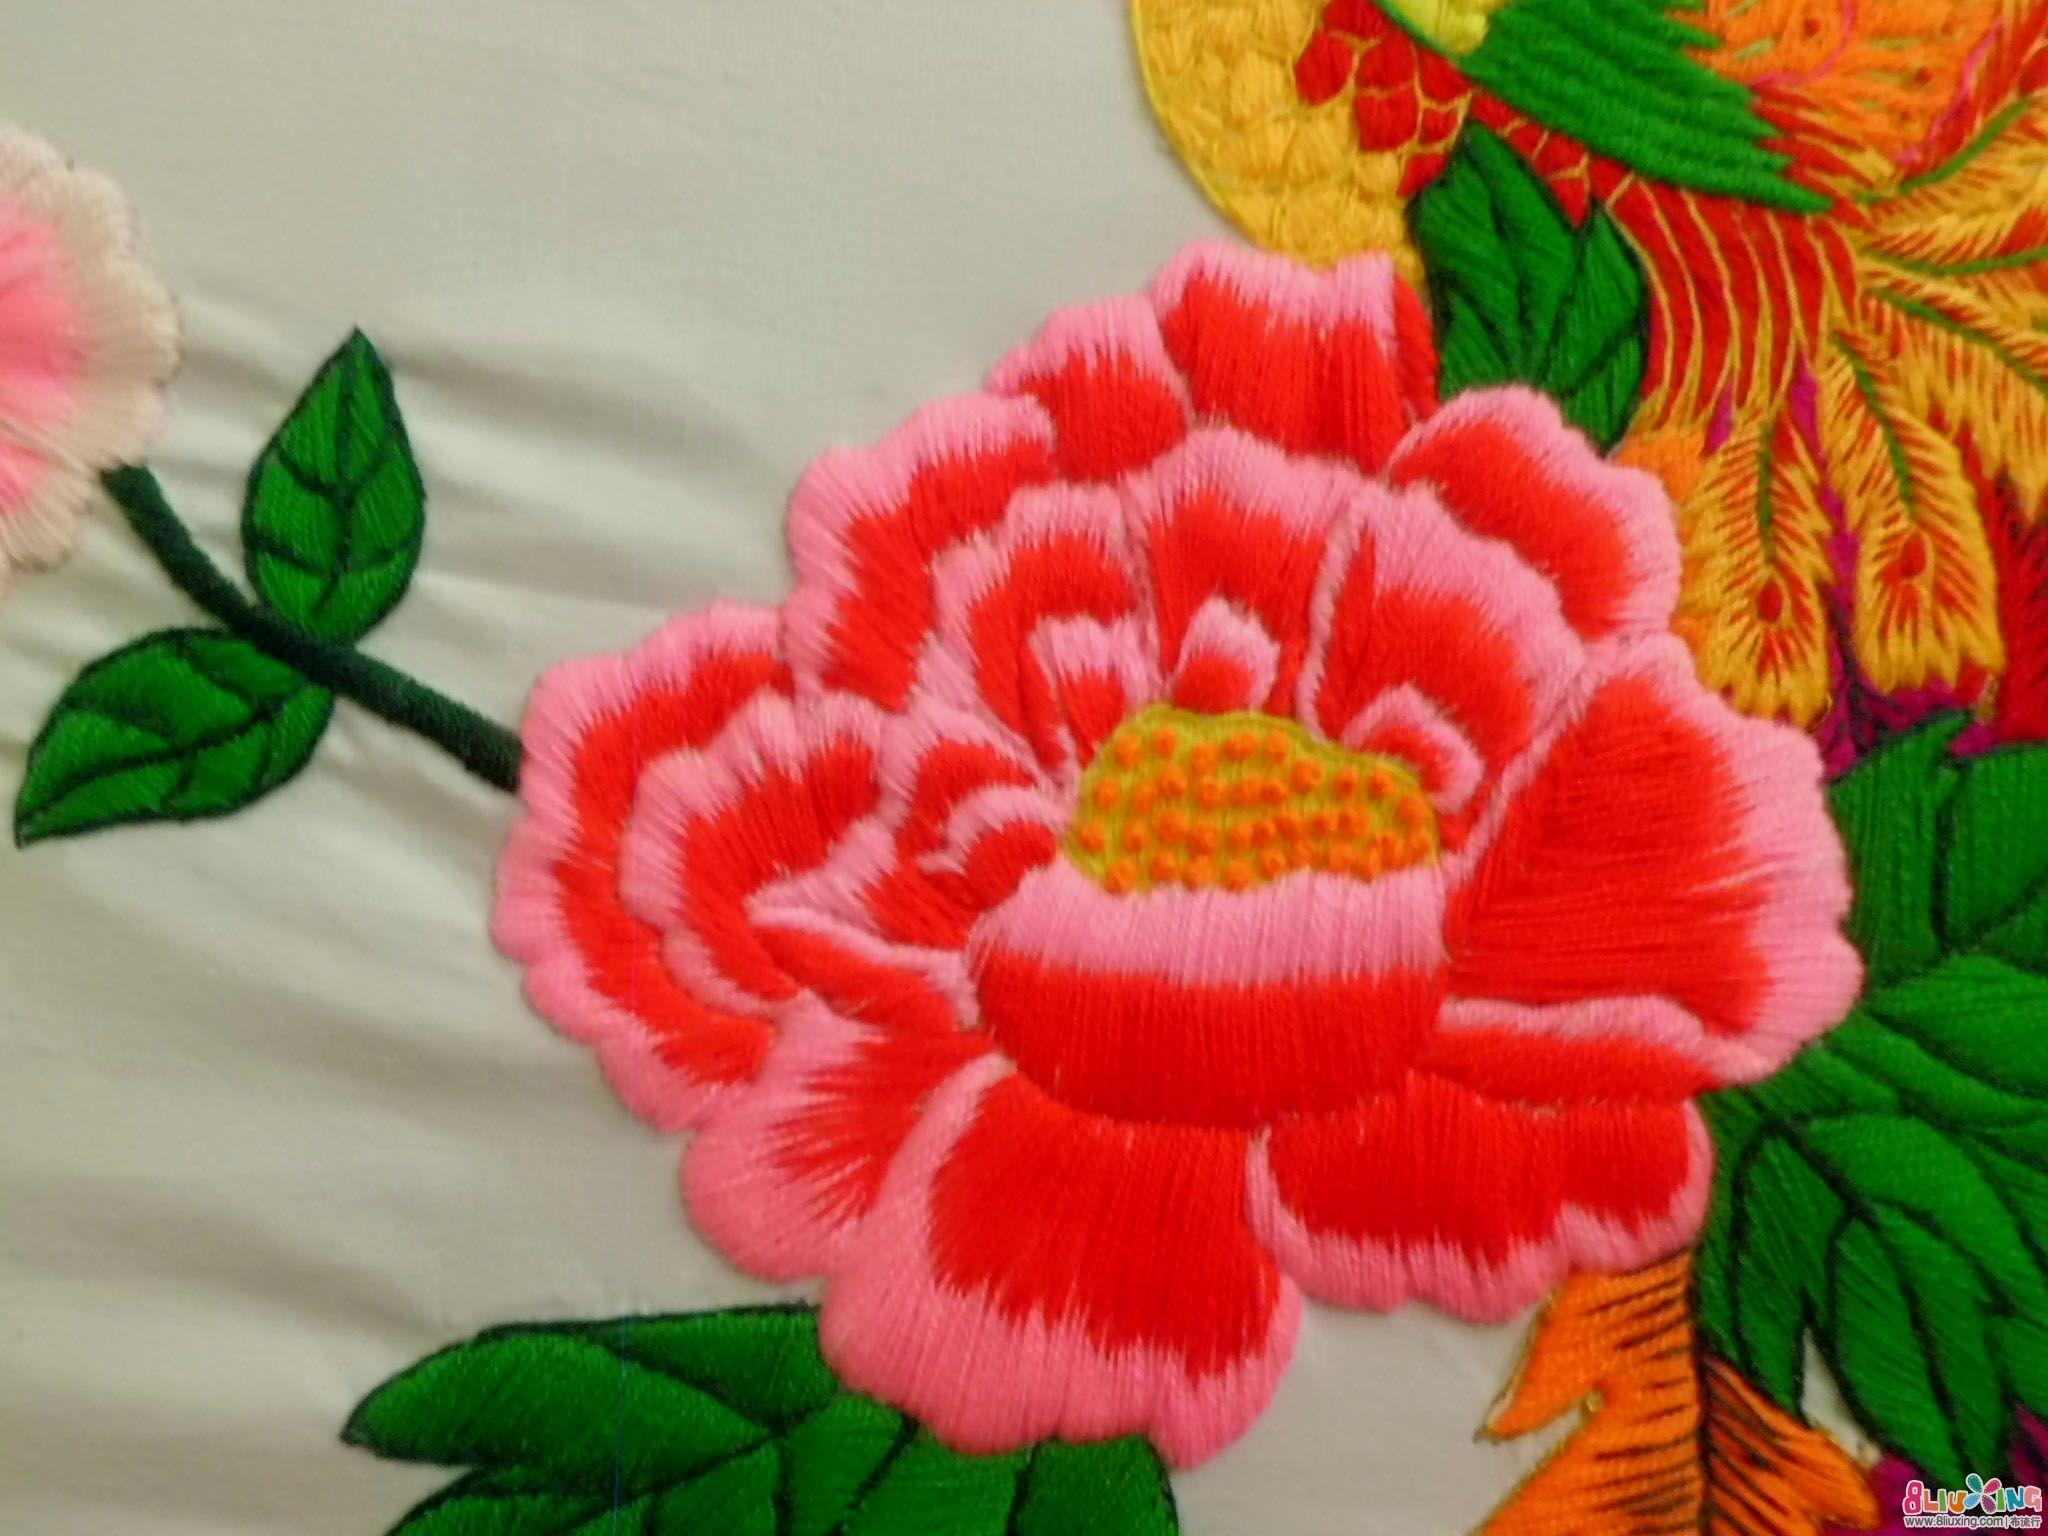 手工 刺绣 凤穿 牡丹 编织 刺绣作品 秀 布流行图片